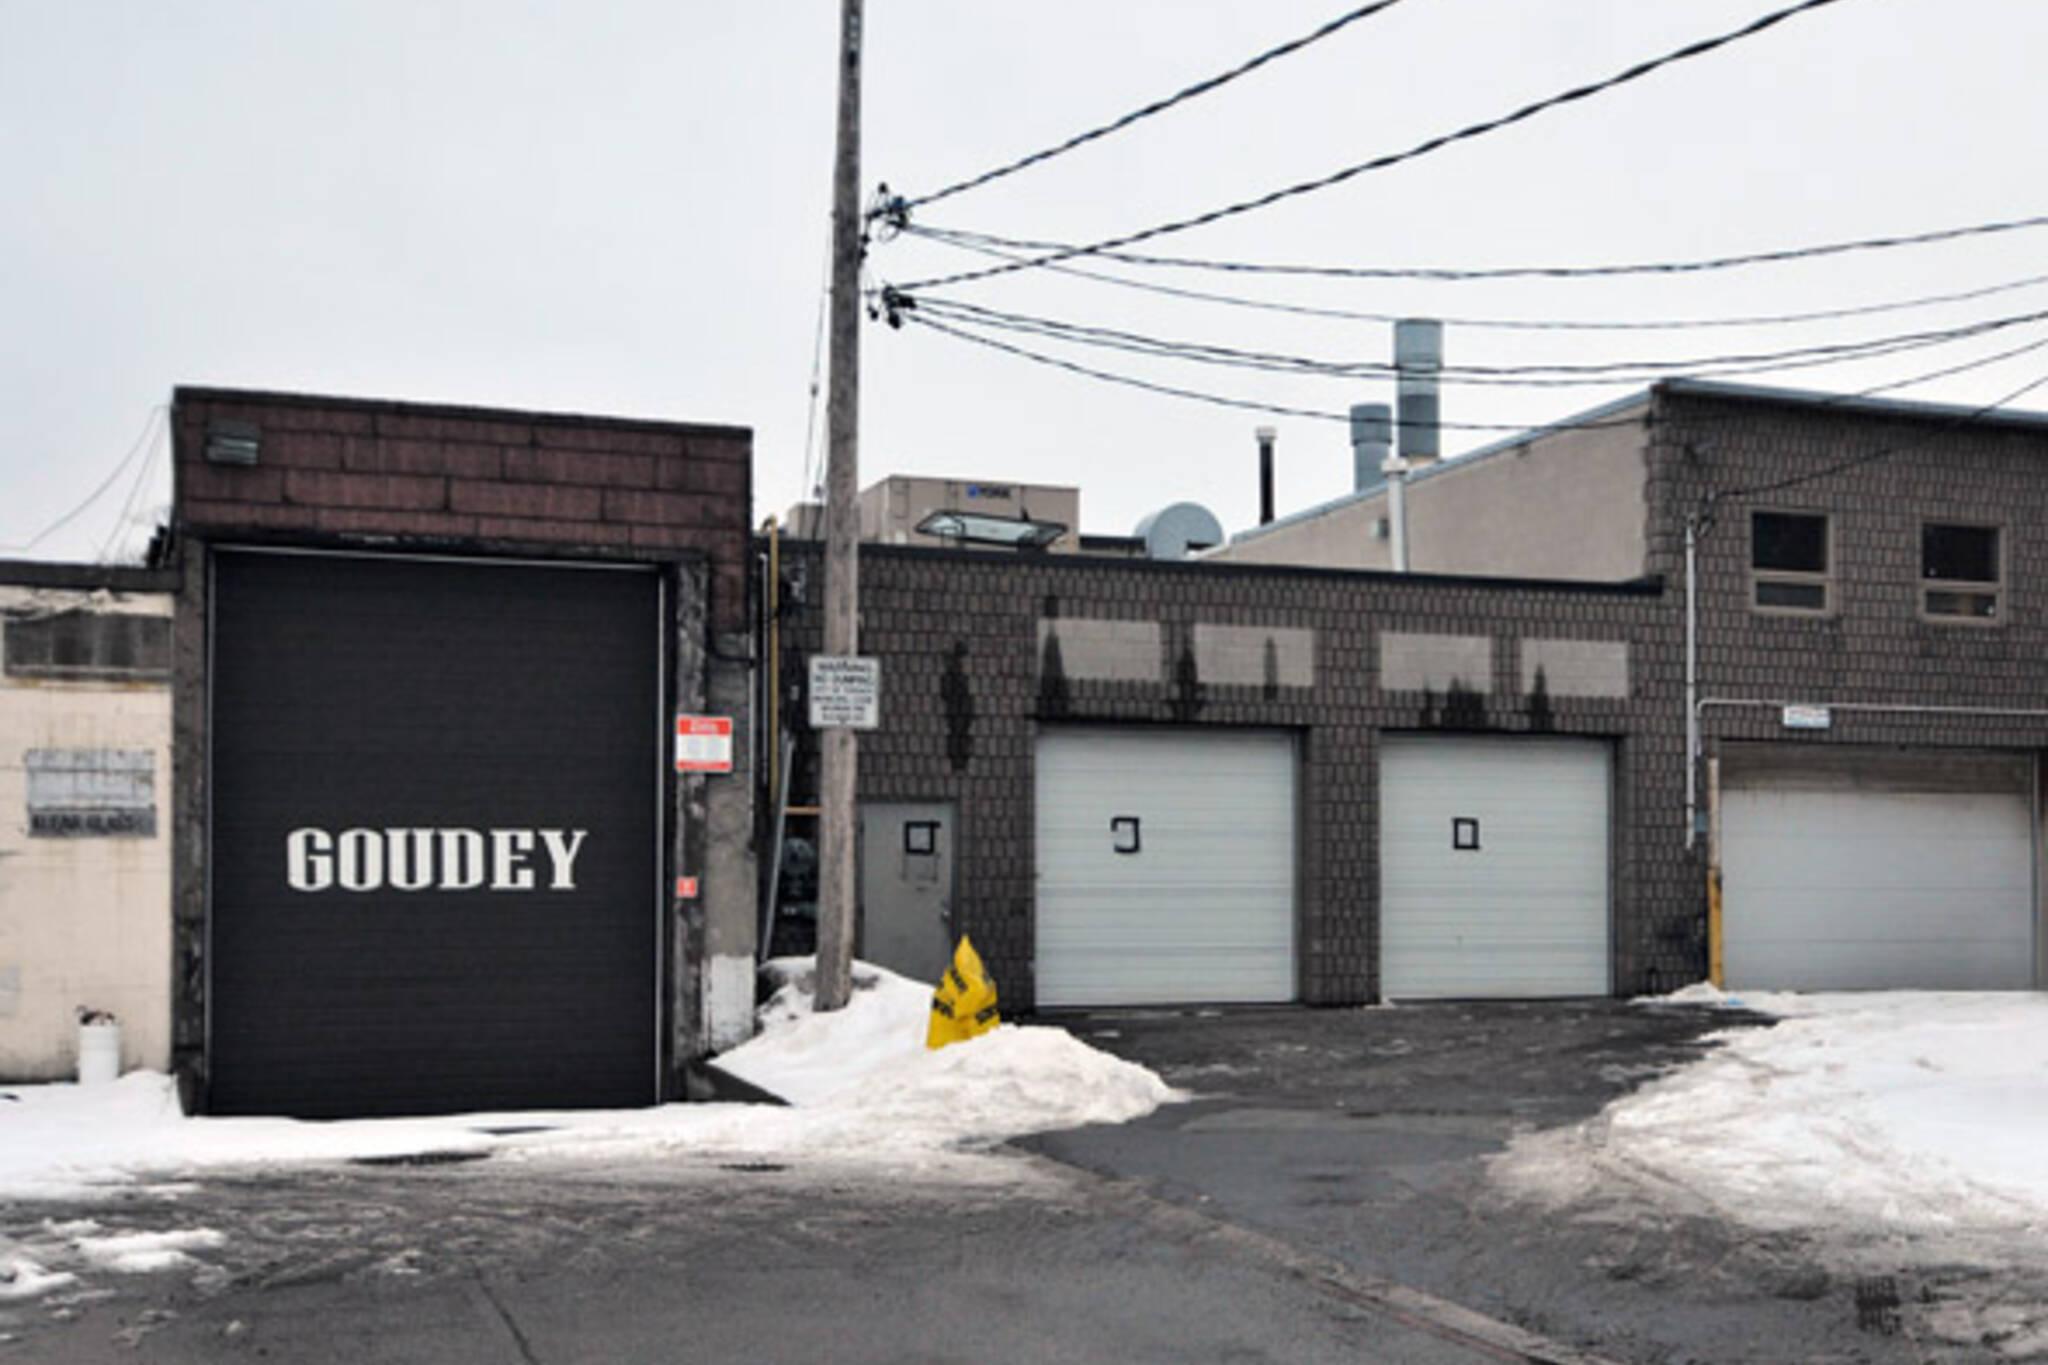 201131-ugly-streets-toronto.jpg